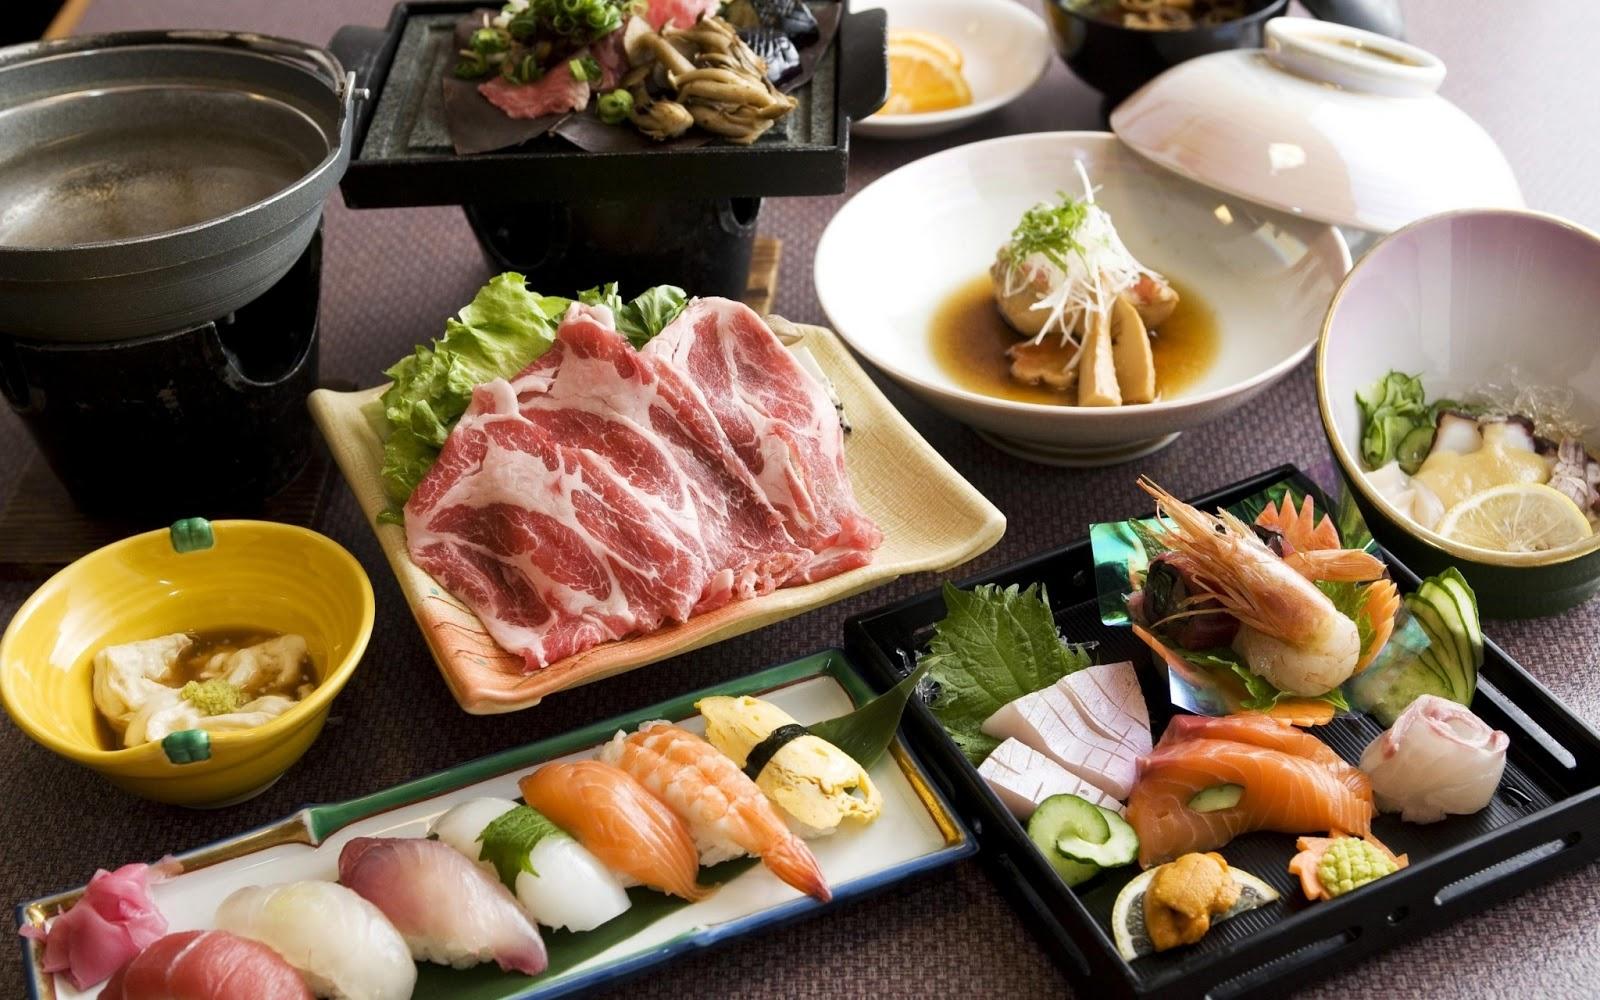 Food hd wallpapers food wallpapers hd food wallpaper hd food 1600x1000